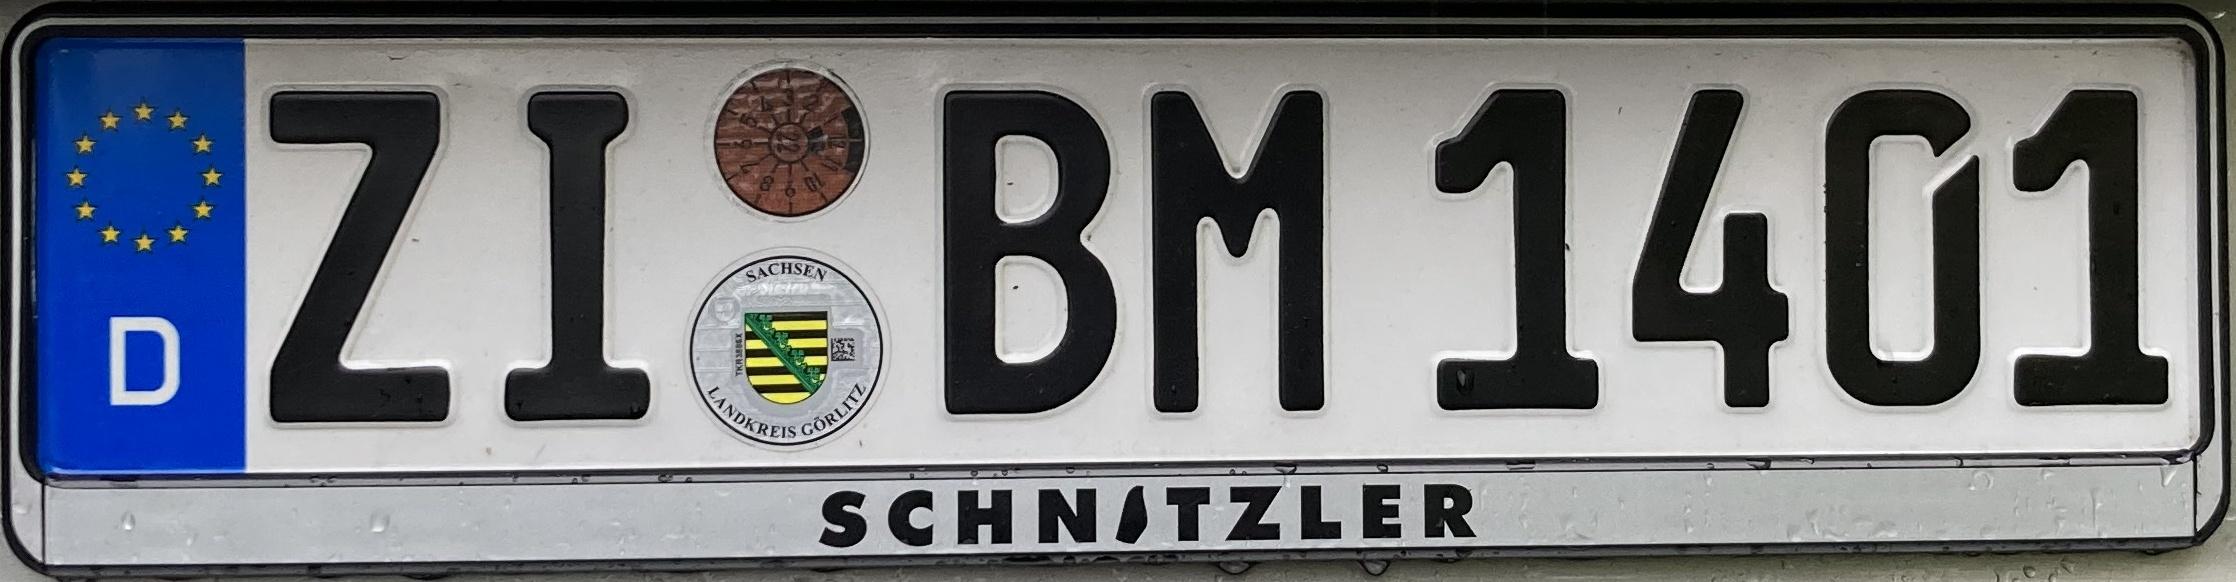 Registrační značky Německo - ZI - Zittau, foto: www.podalnici.cz